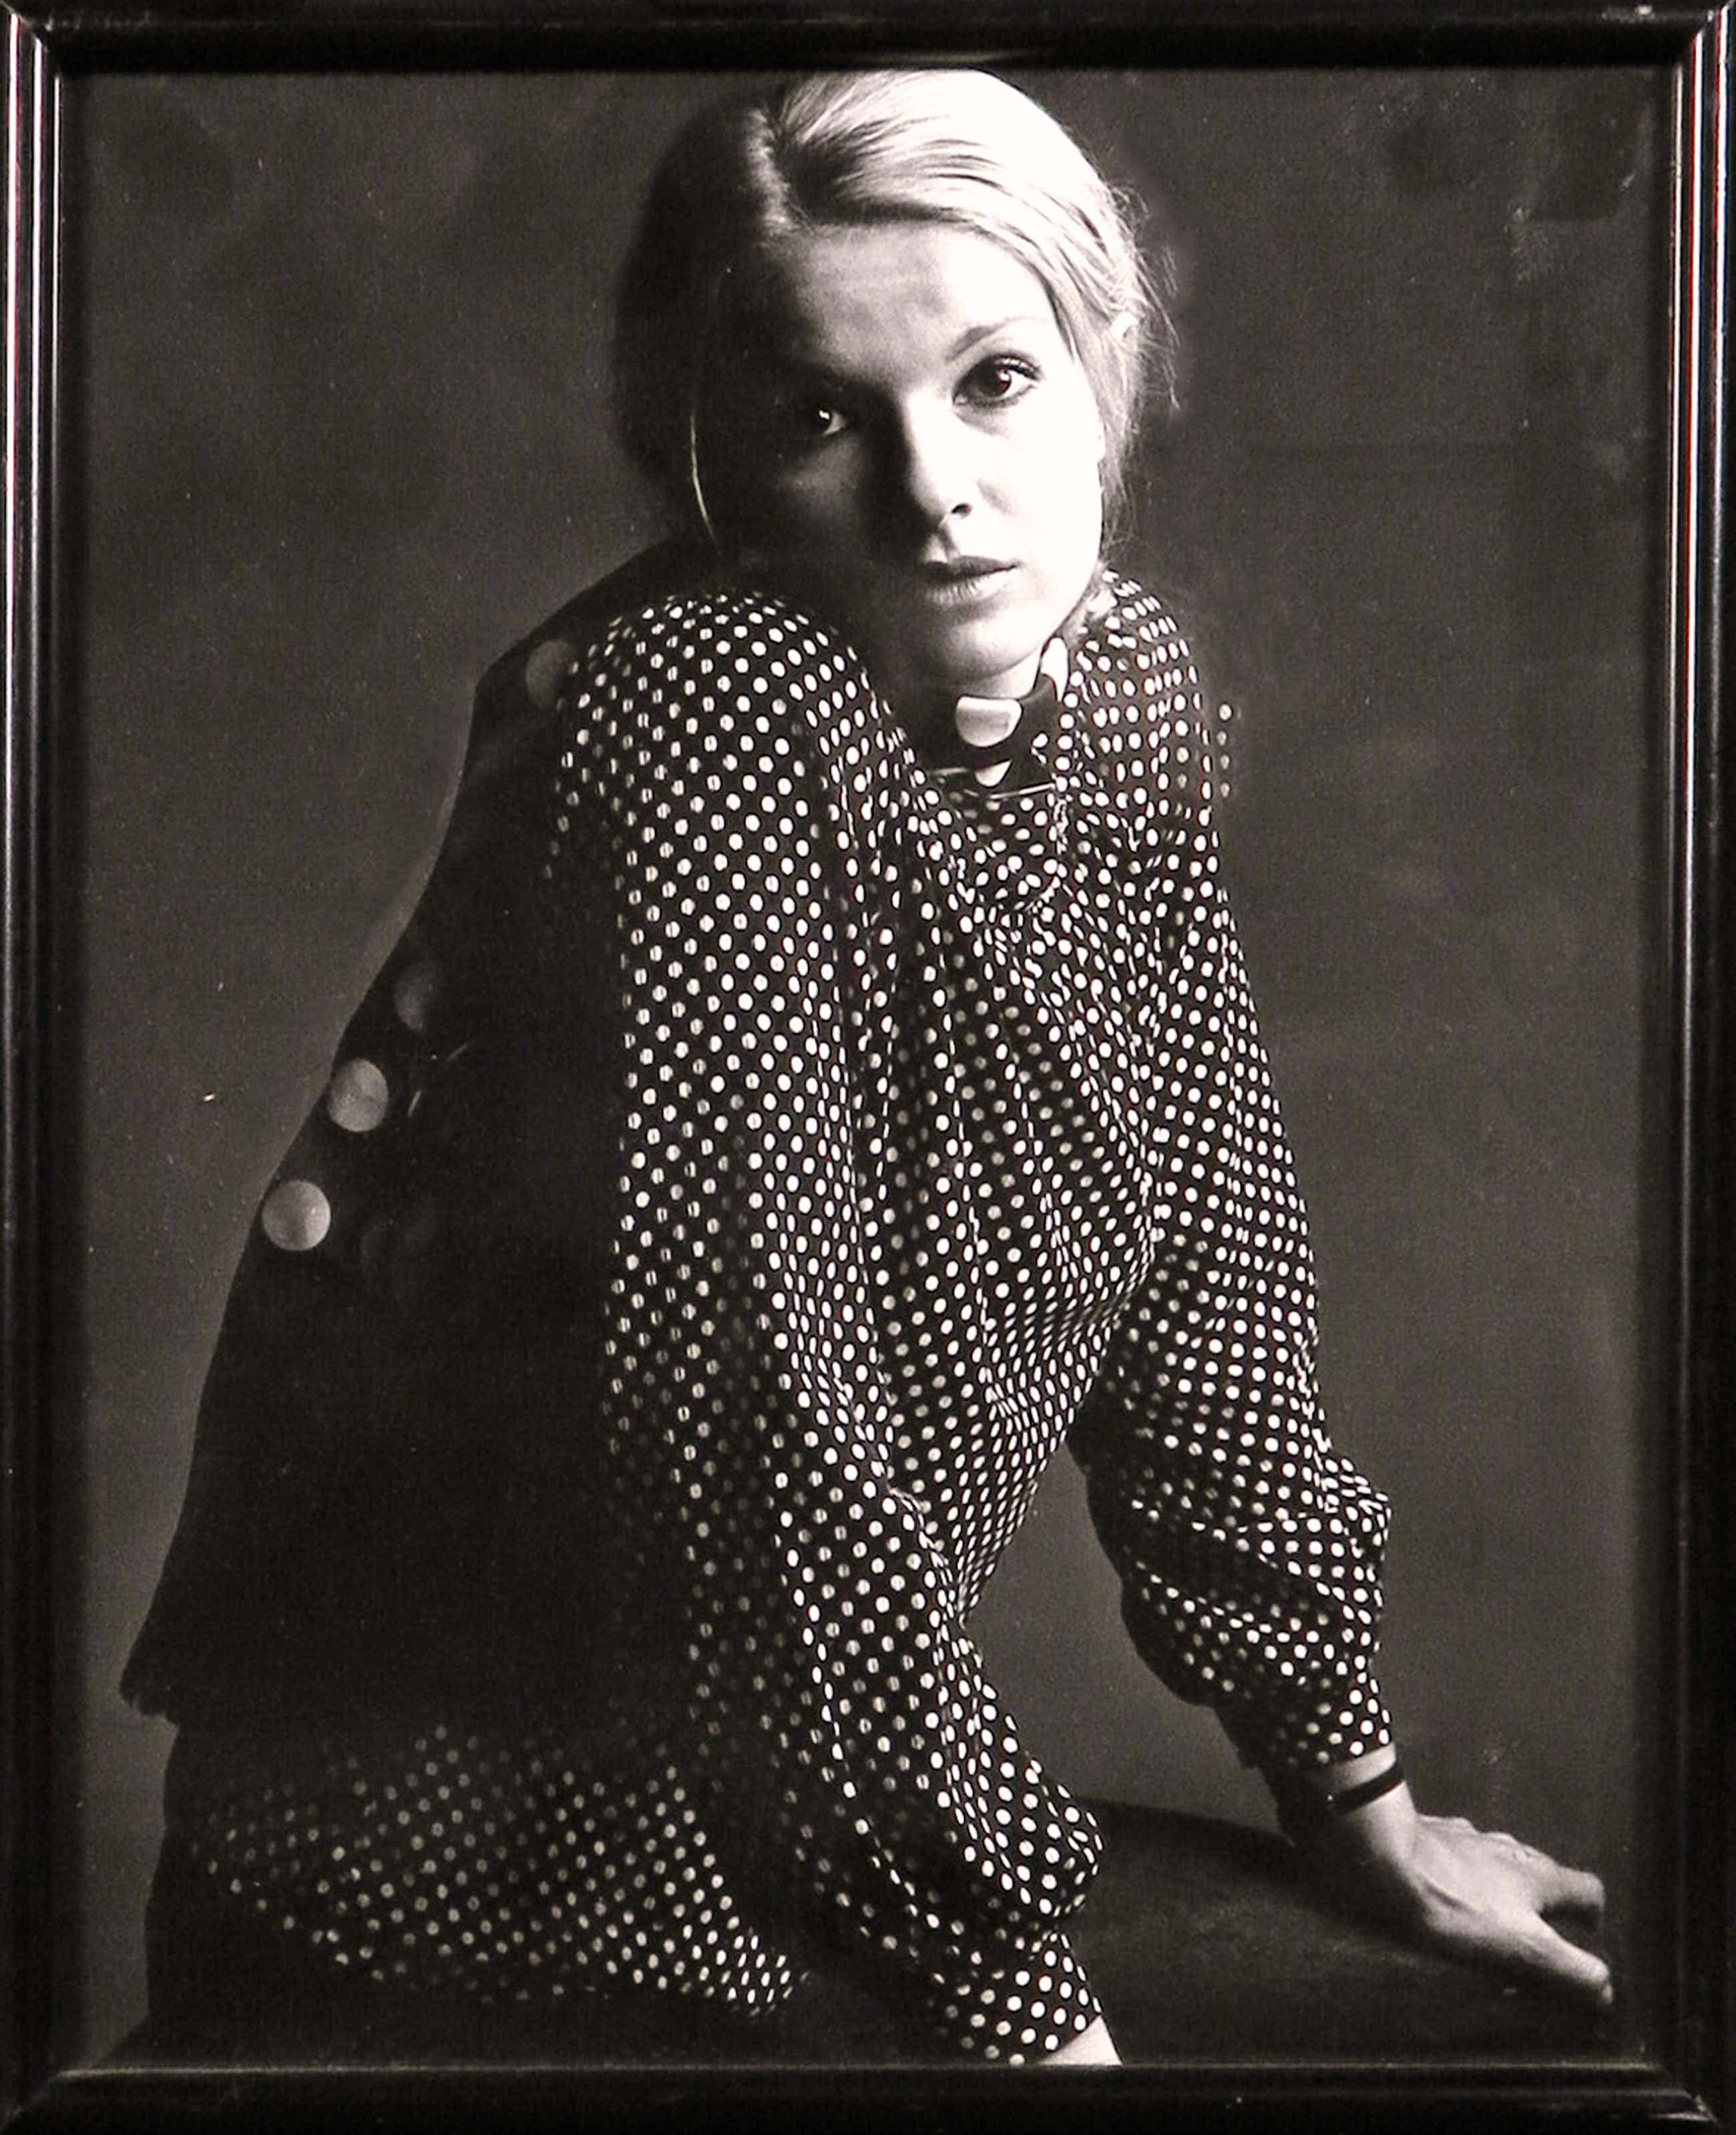 Paul Huf - Klassieke Foto, Martine Bijl kopen? Bied vanaf 10!